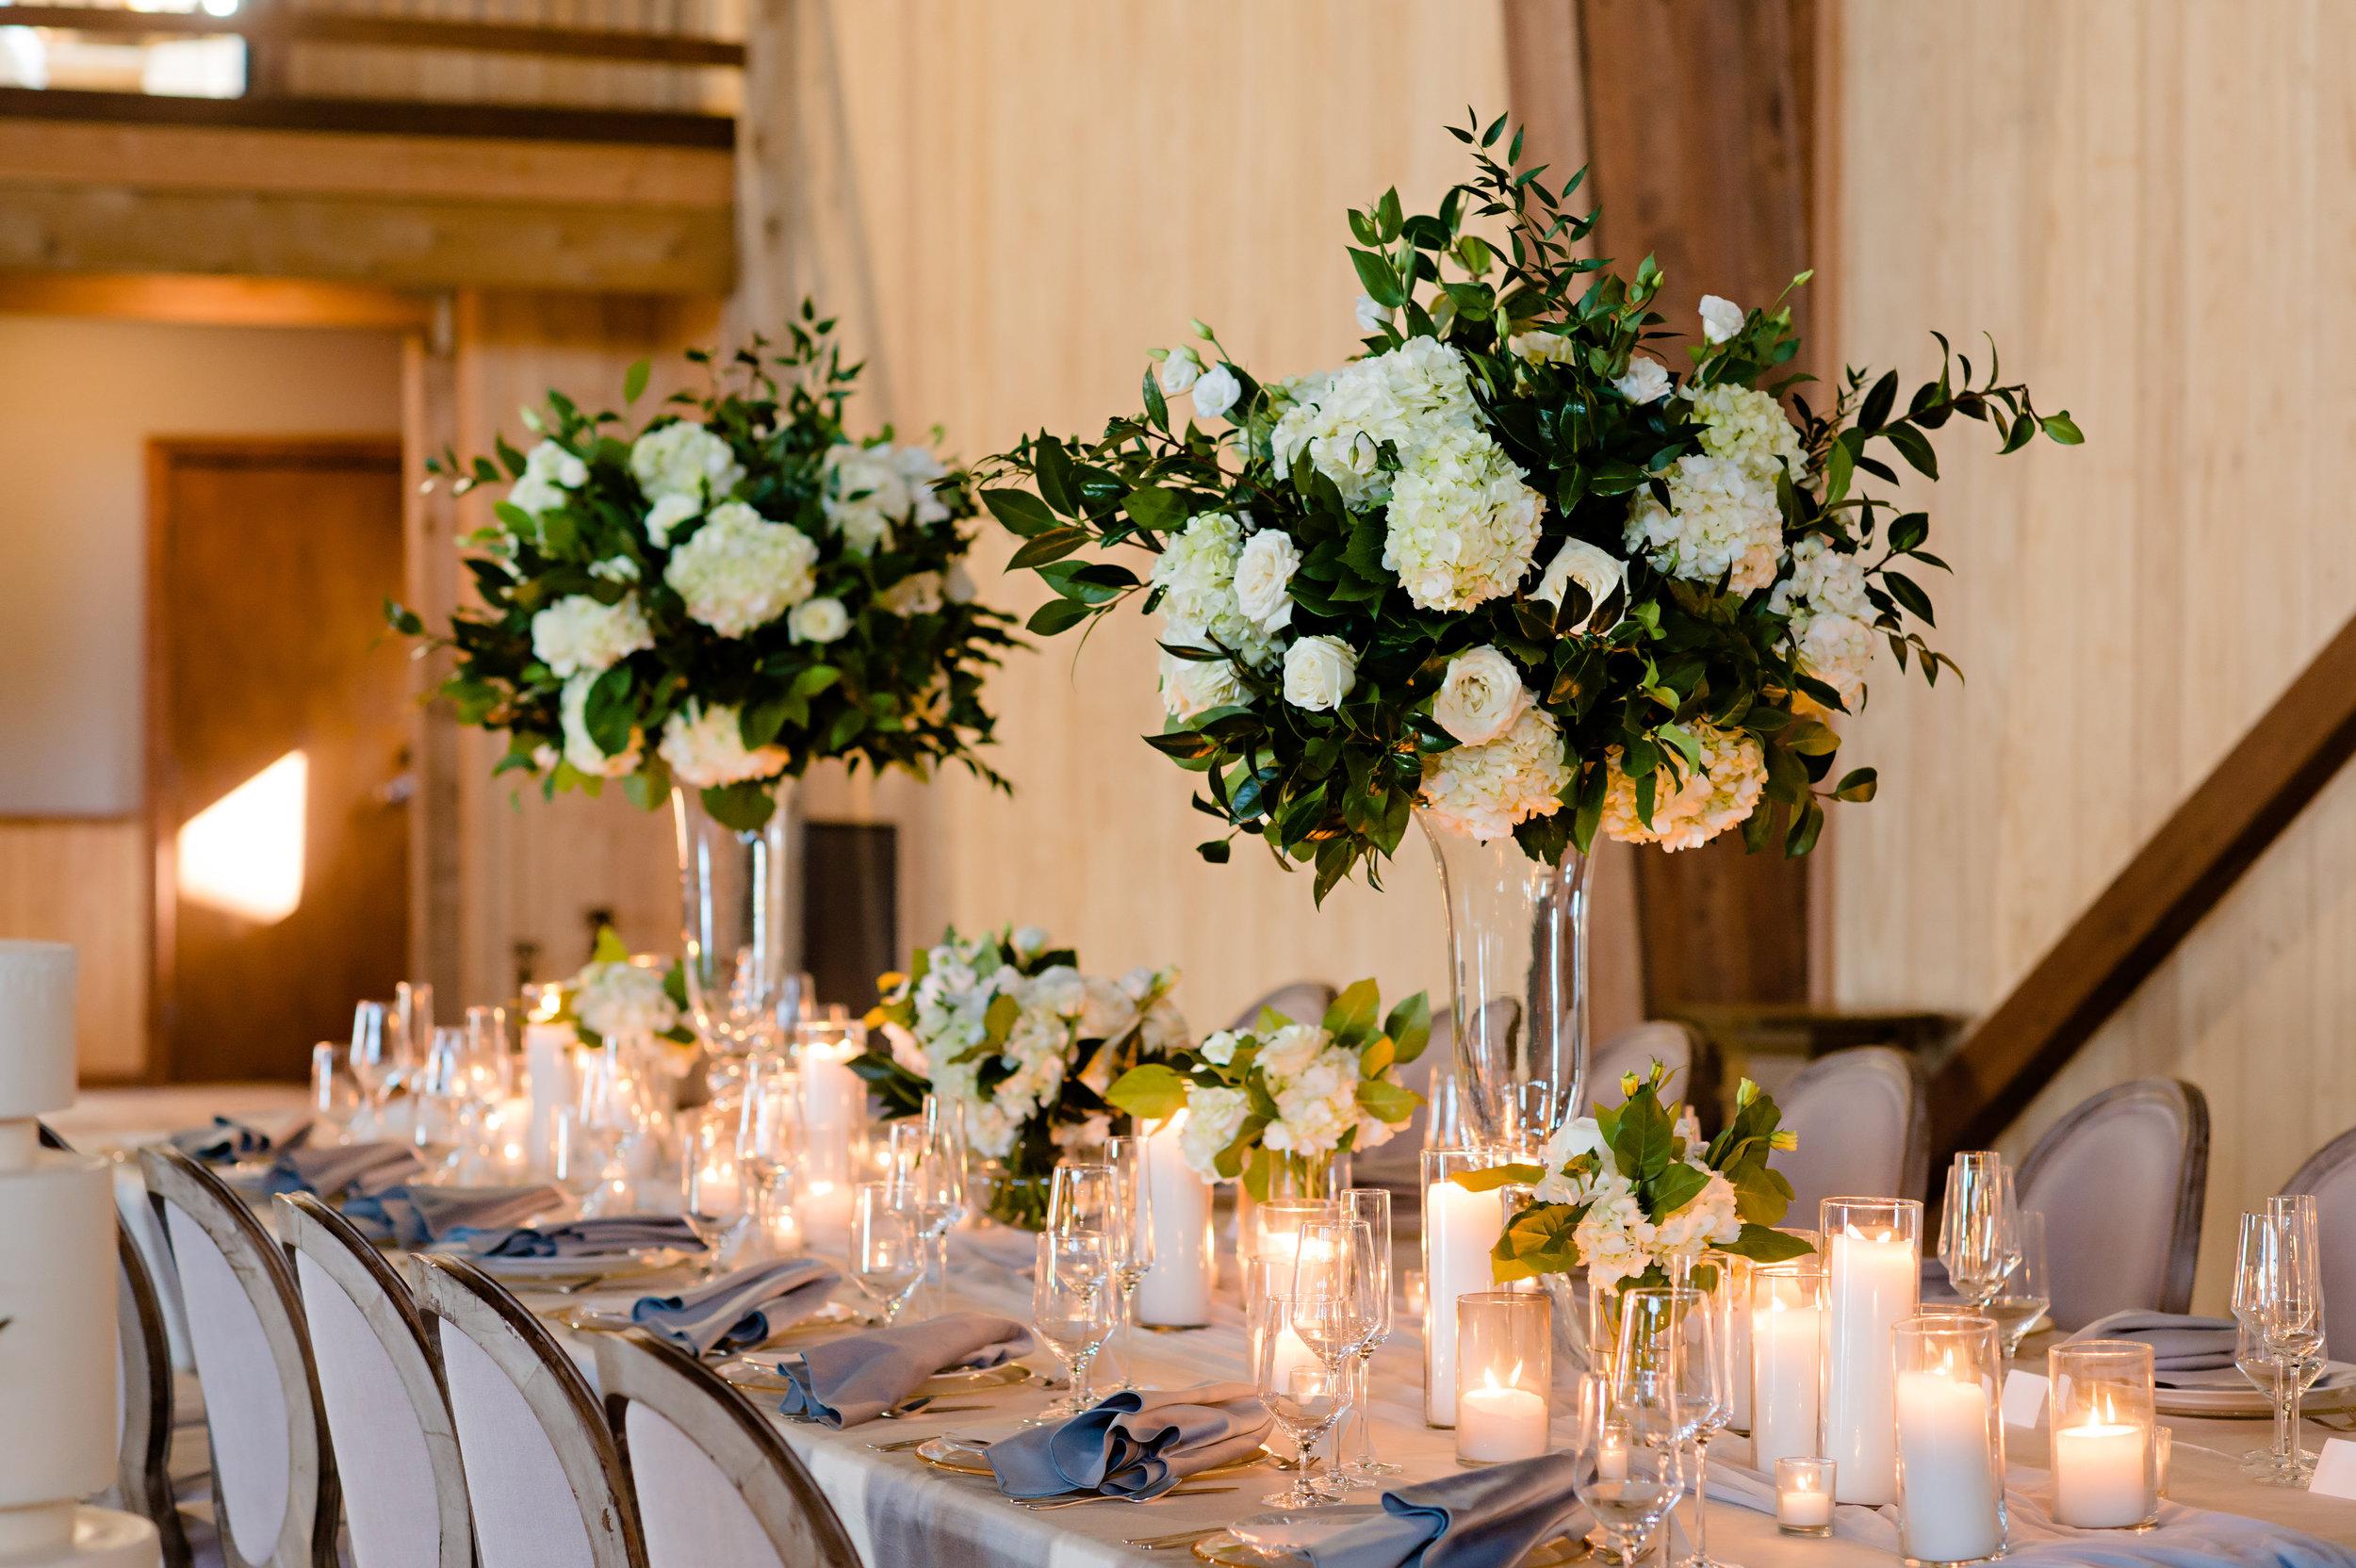 20. Large Arrangements + Candles